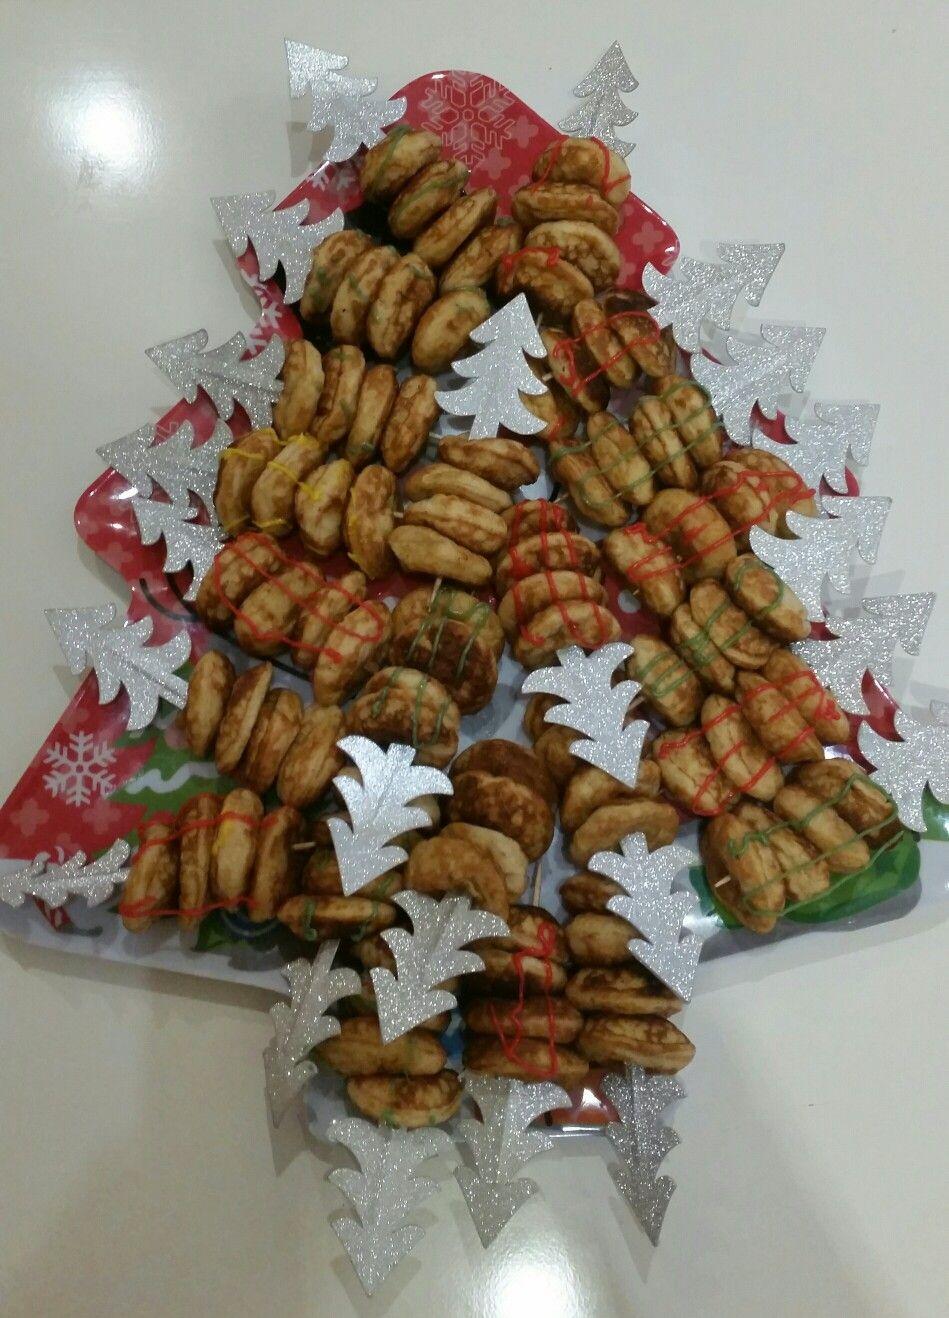 Pin Van Marianne Maat Op Kerst Kerstdiner Kerst Hapjes Kerst Eten